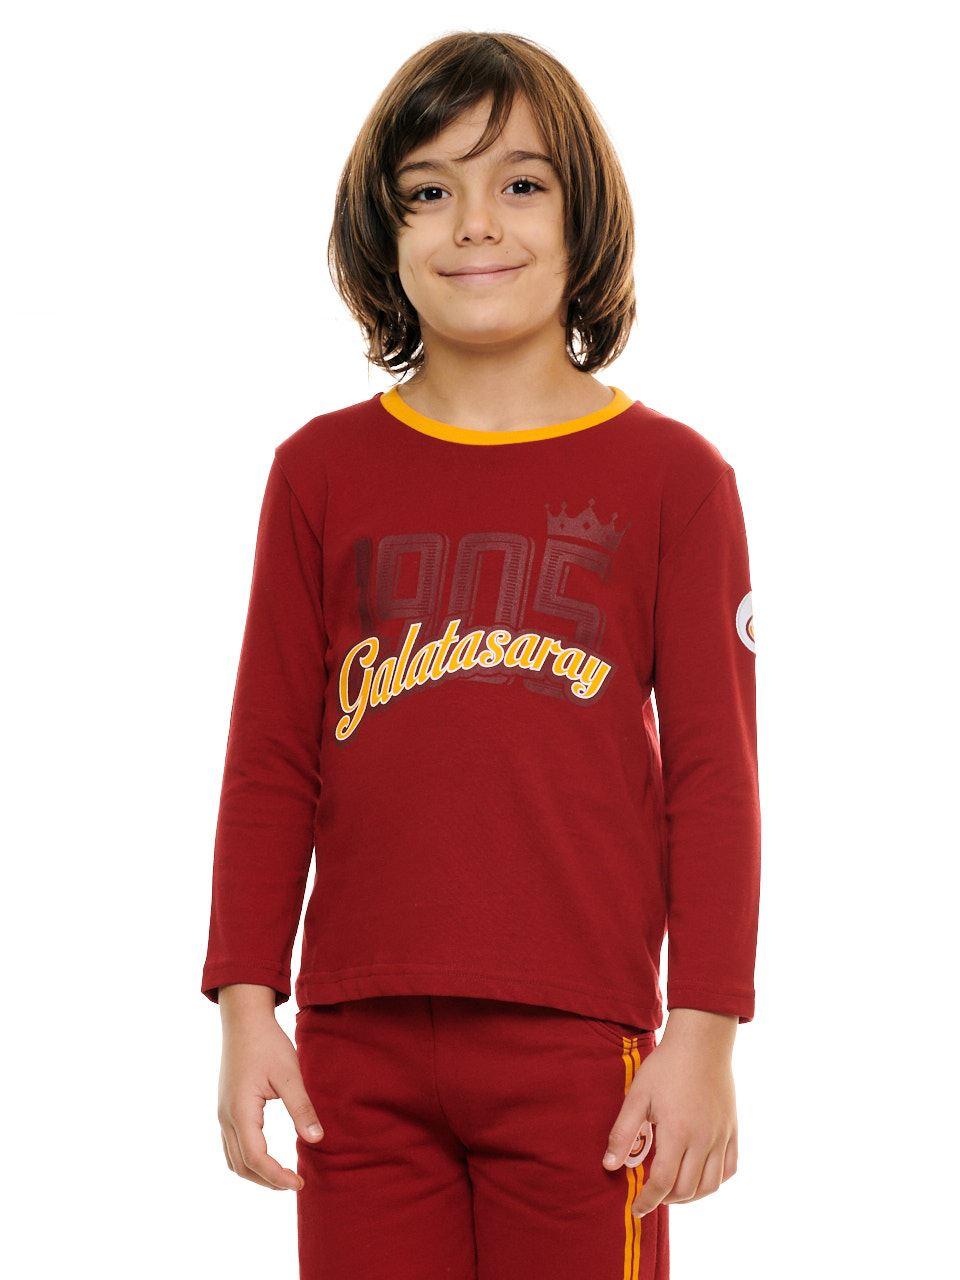 C21598 S-Shirt Zb823